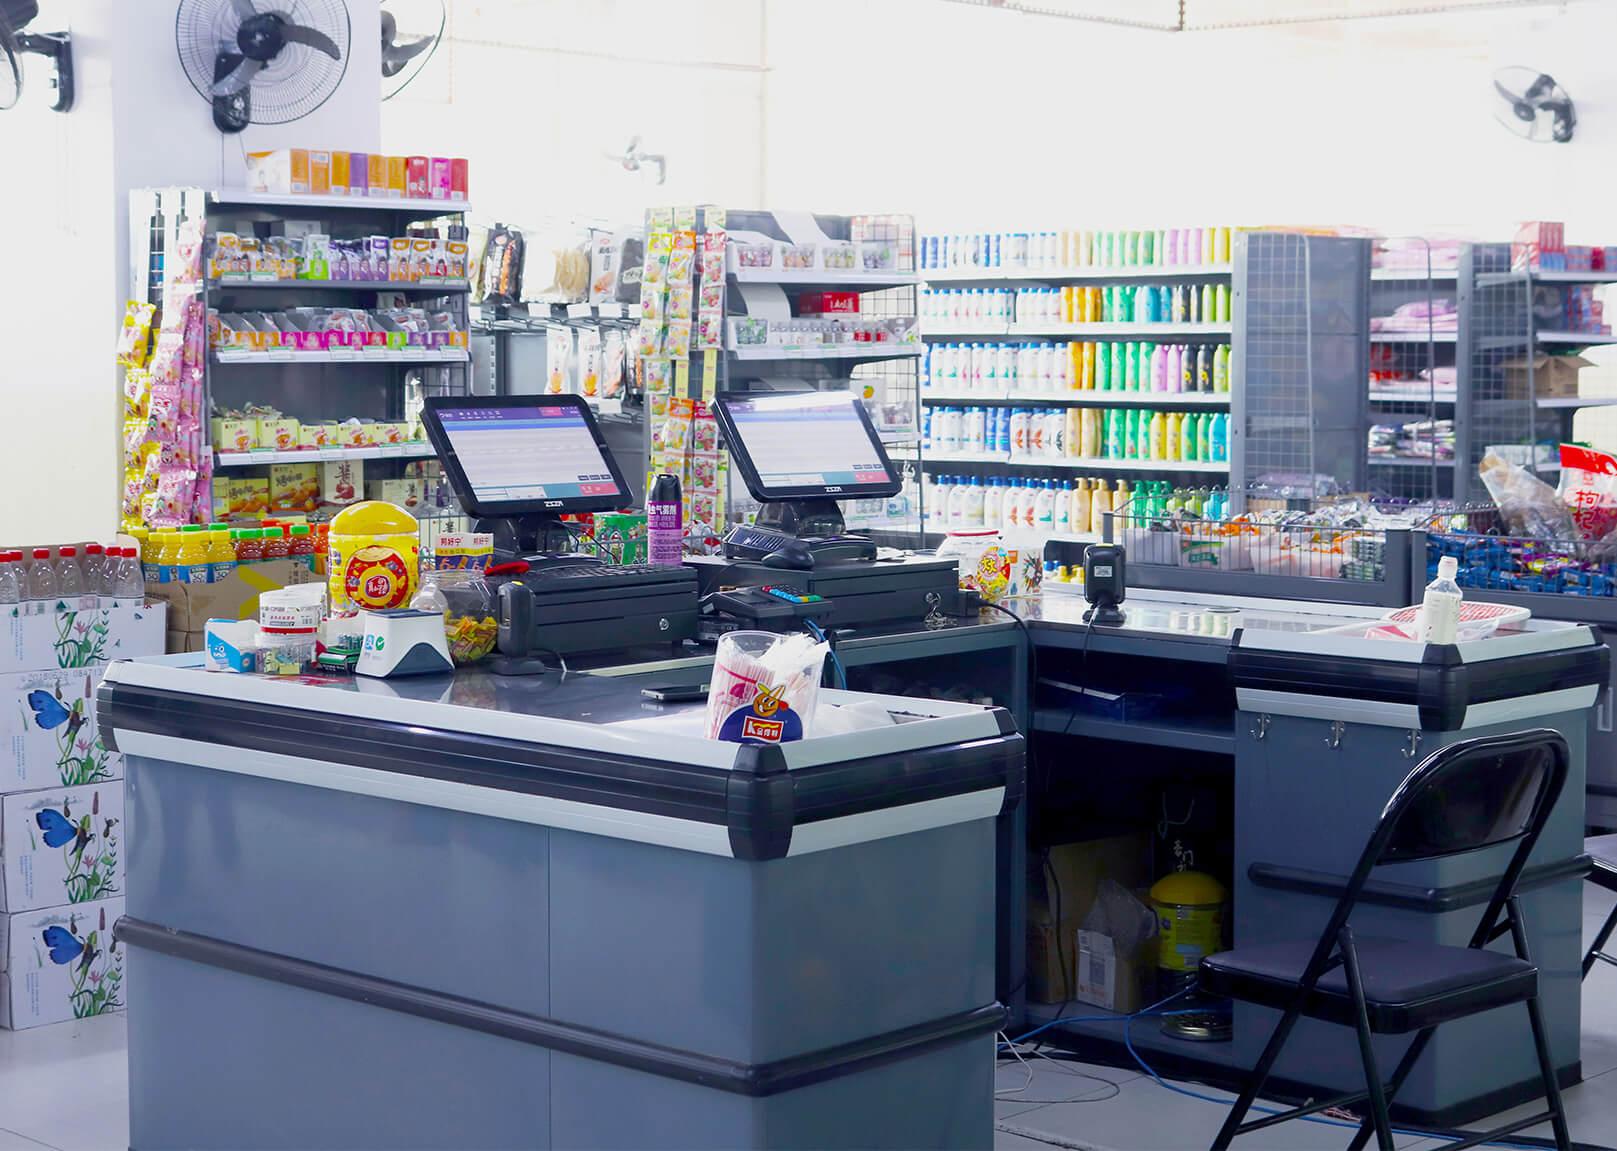 广州画室超市,广州美术培训班超市,广州围墙画室超市